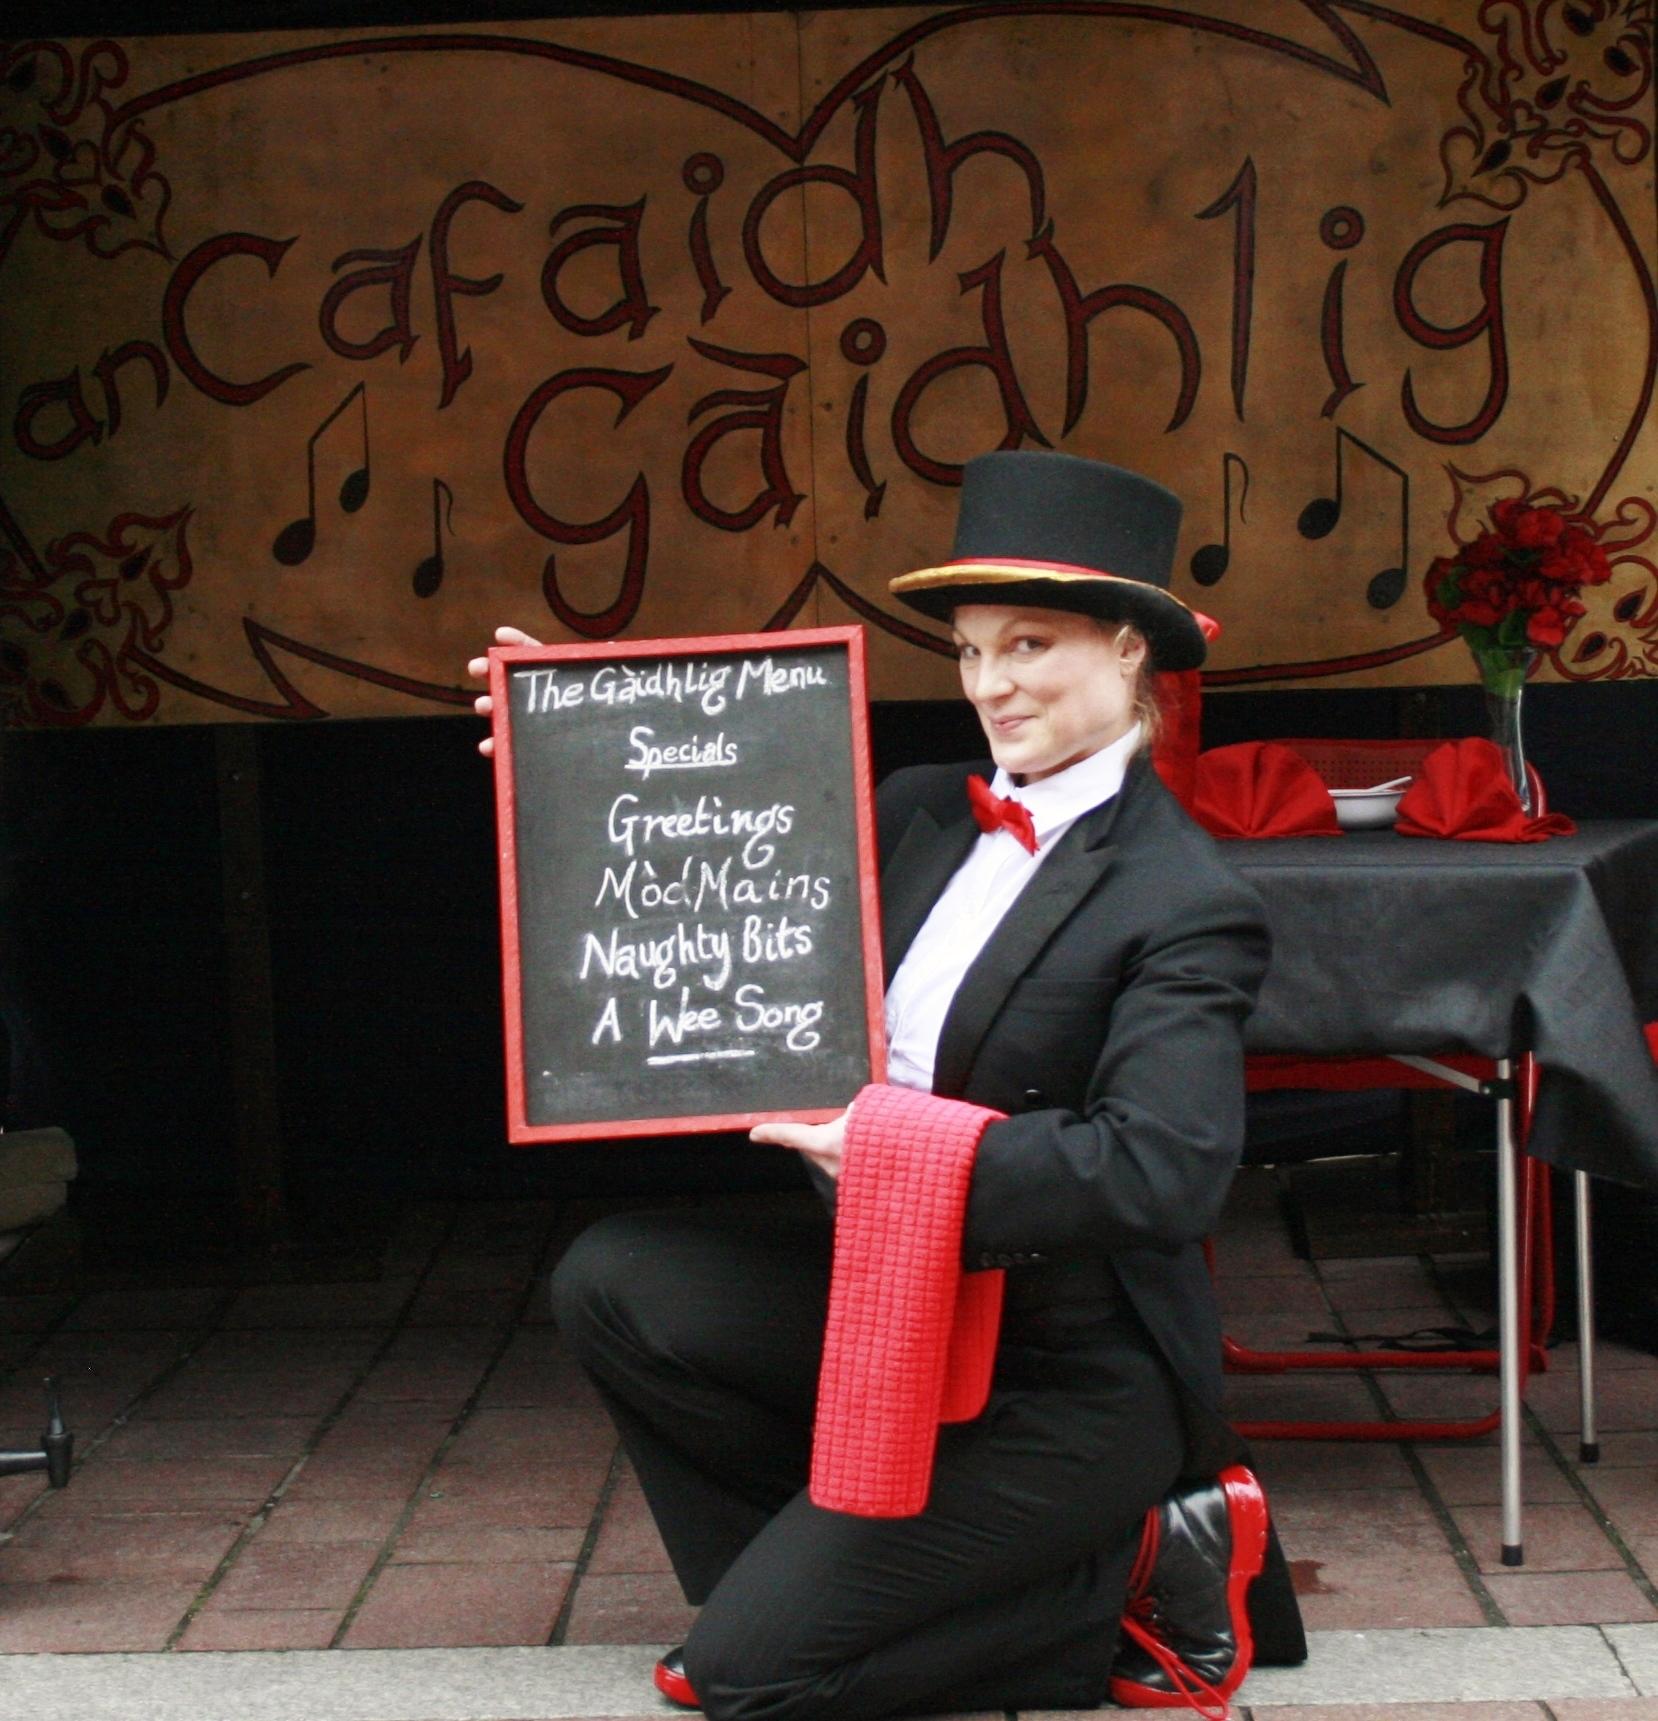 Pop Up Gaelic Caf